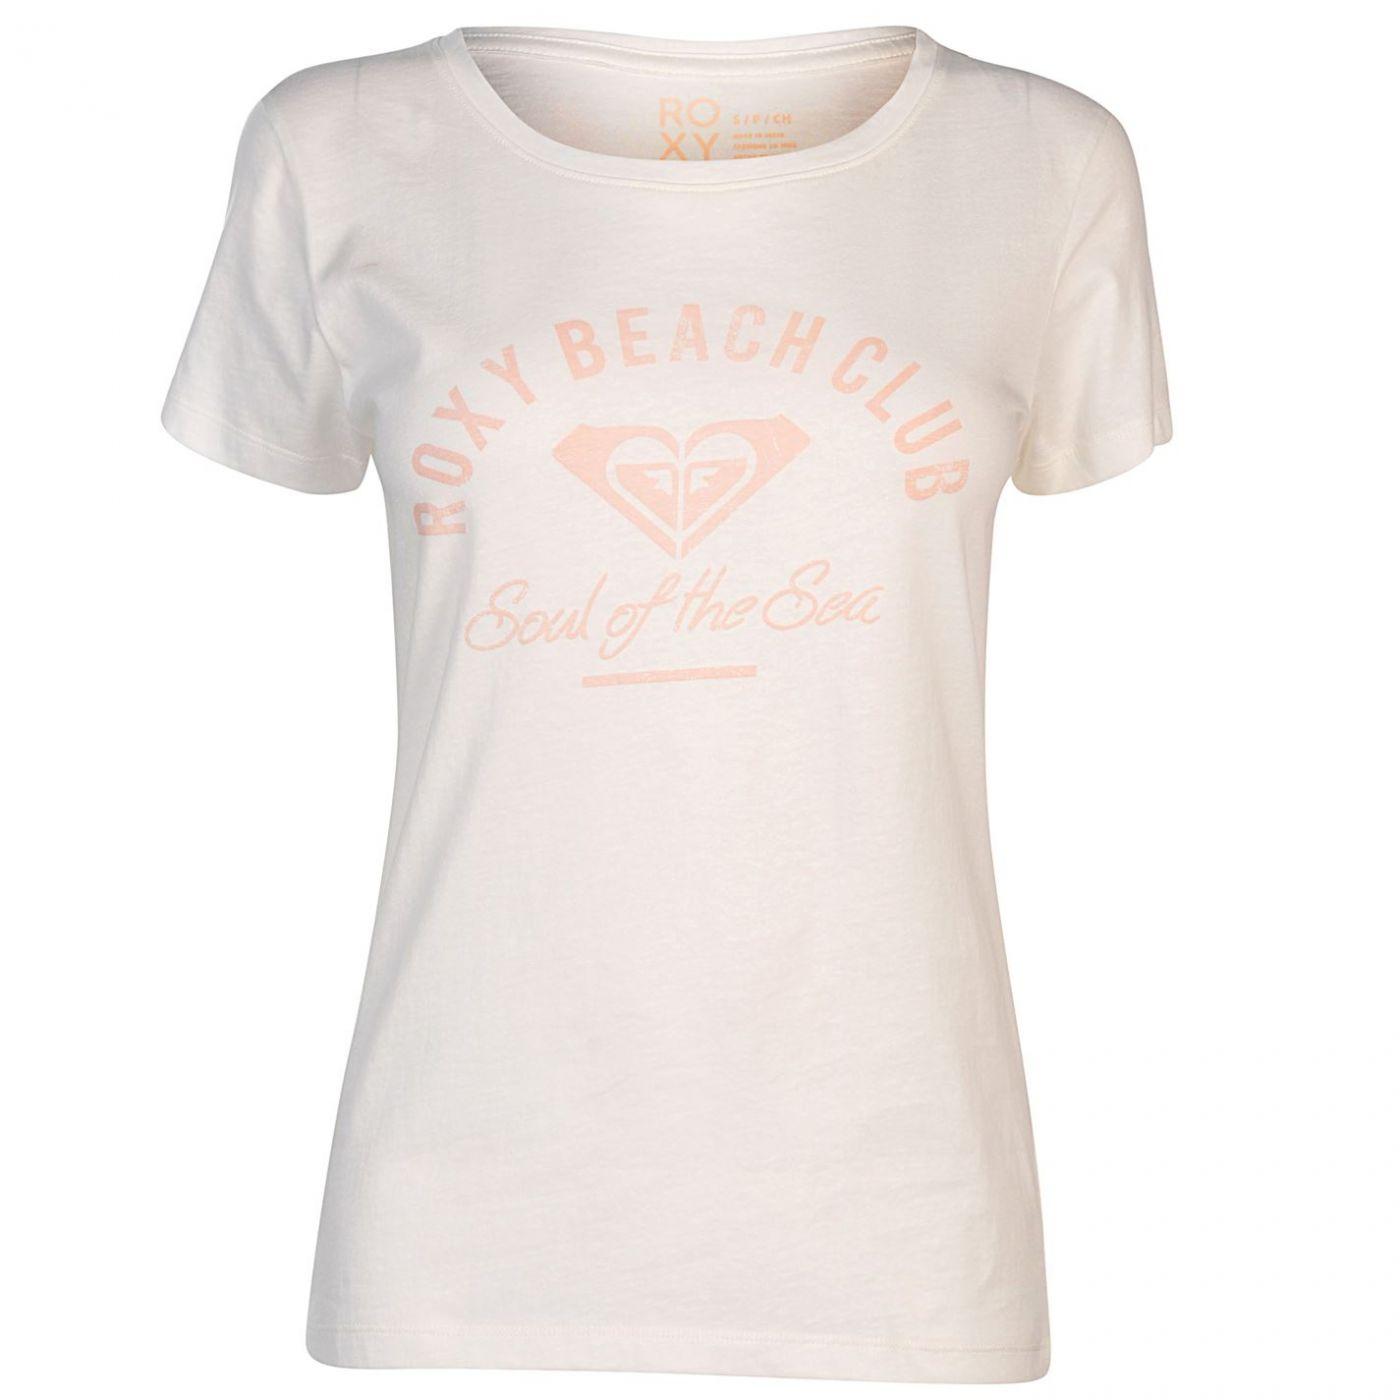 Roxy Beach Club T Shirt Ladies